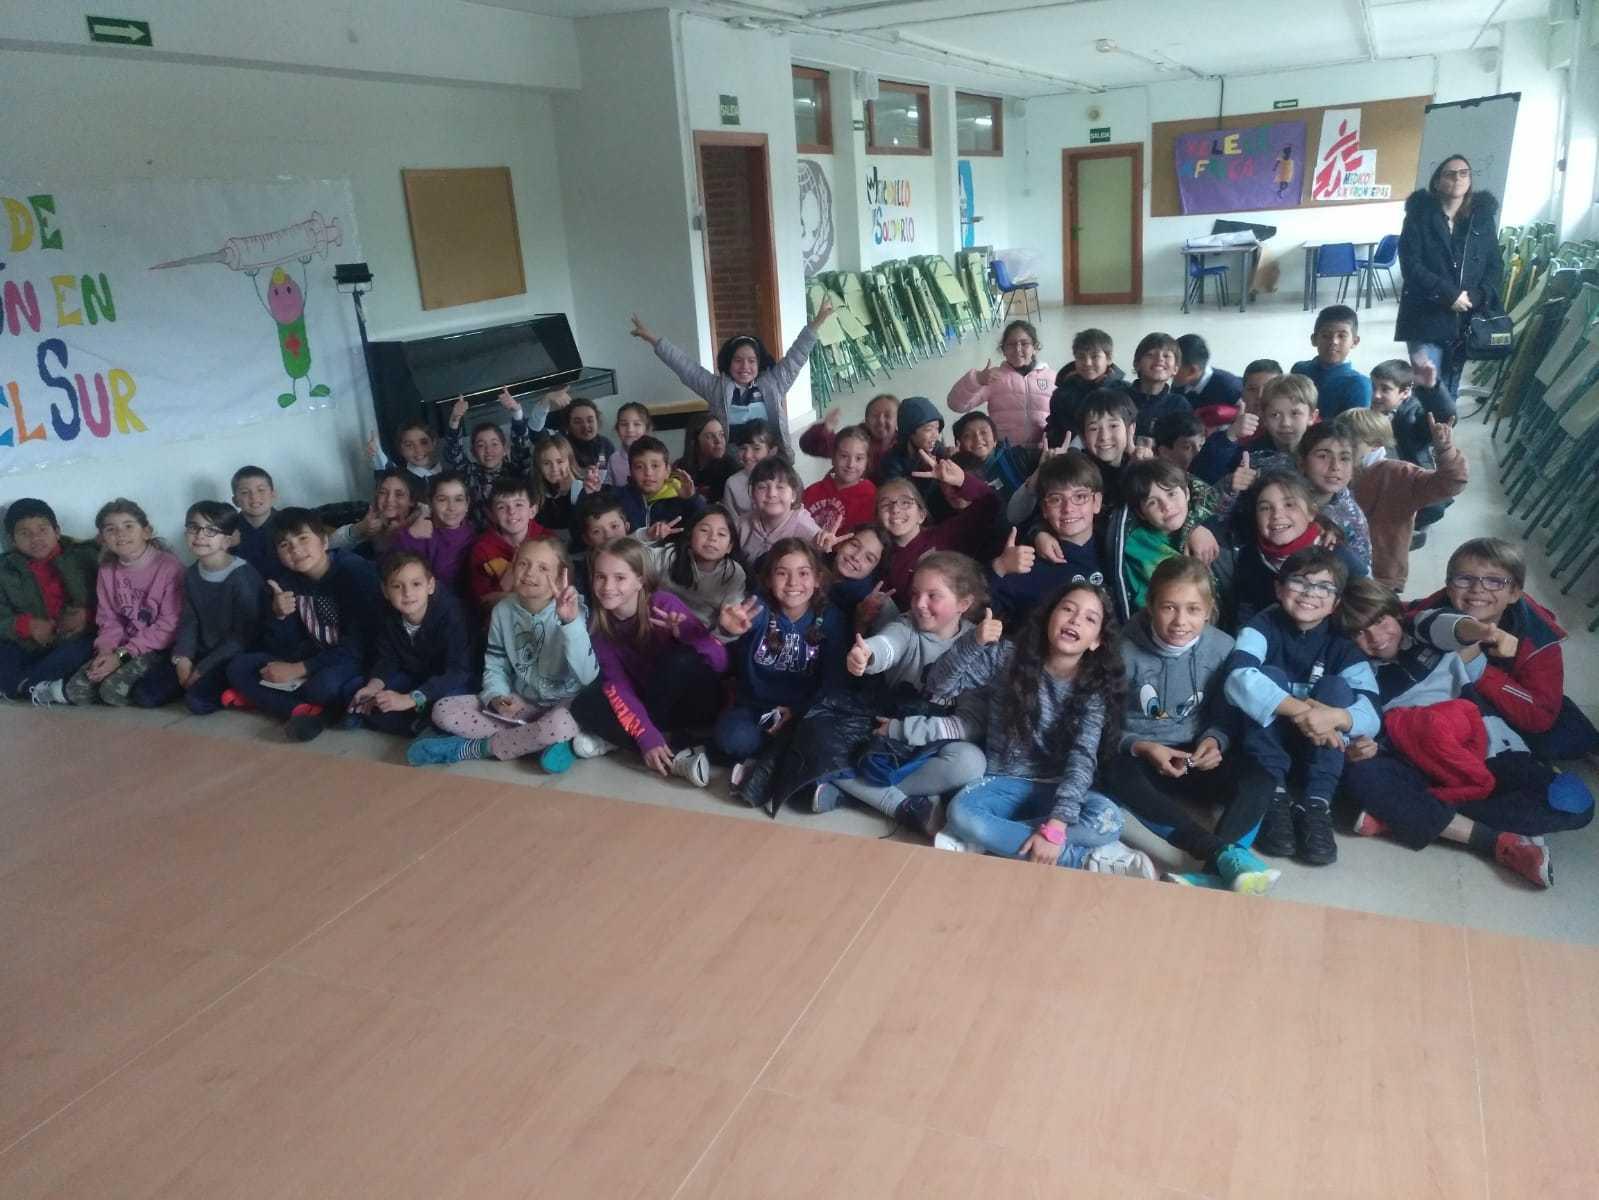 2019_04_24_Día del Libro 4º_Encuentro con Autor_CEIP FDLR_Las Rozas  5